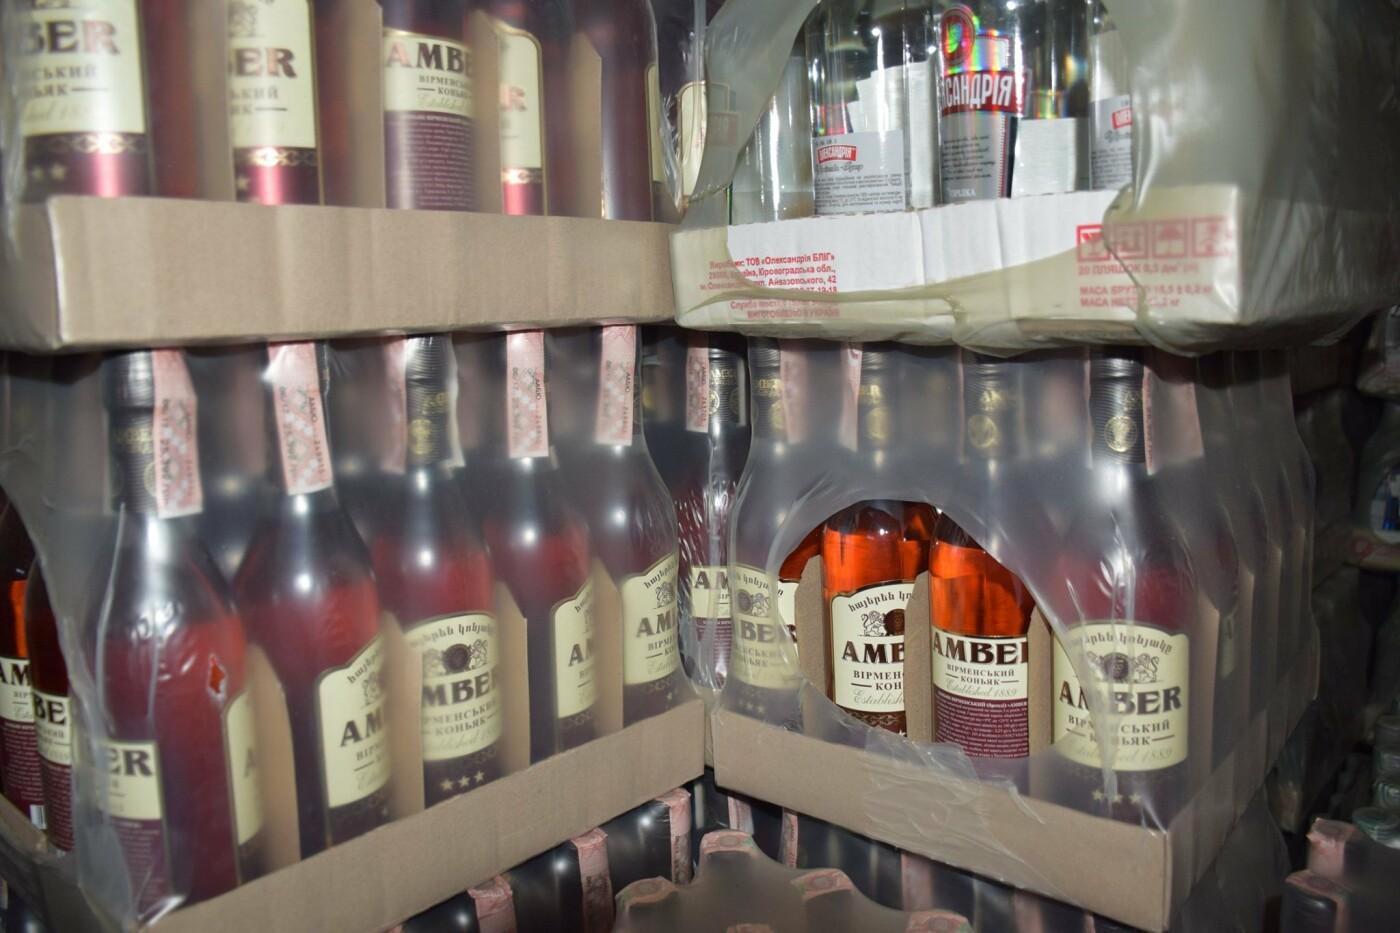 В Костянтинівці та Краматорську вилучили фальсифікований алкоголь на загальну  суму в 10 млн грн, фото-1